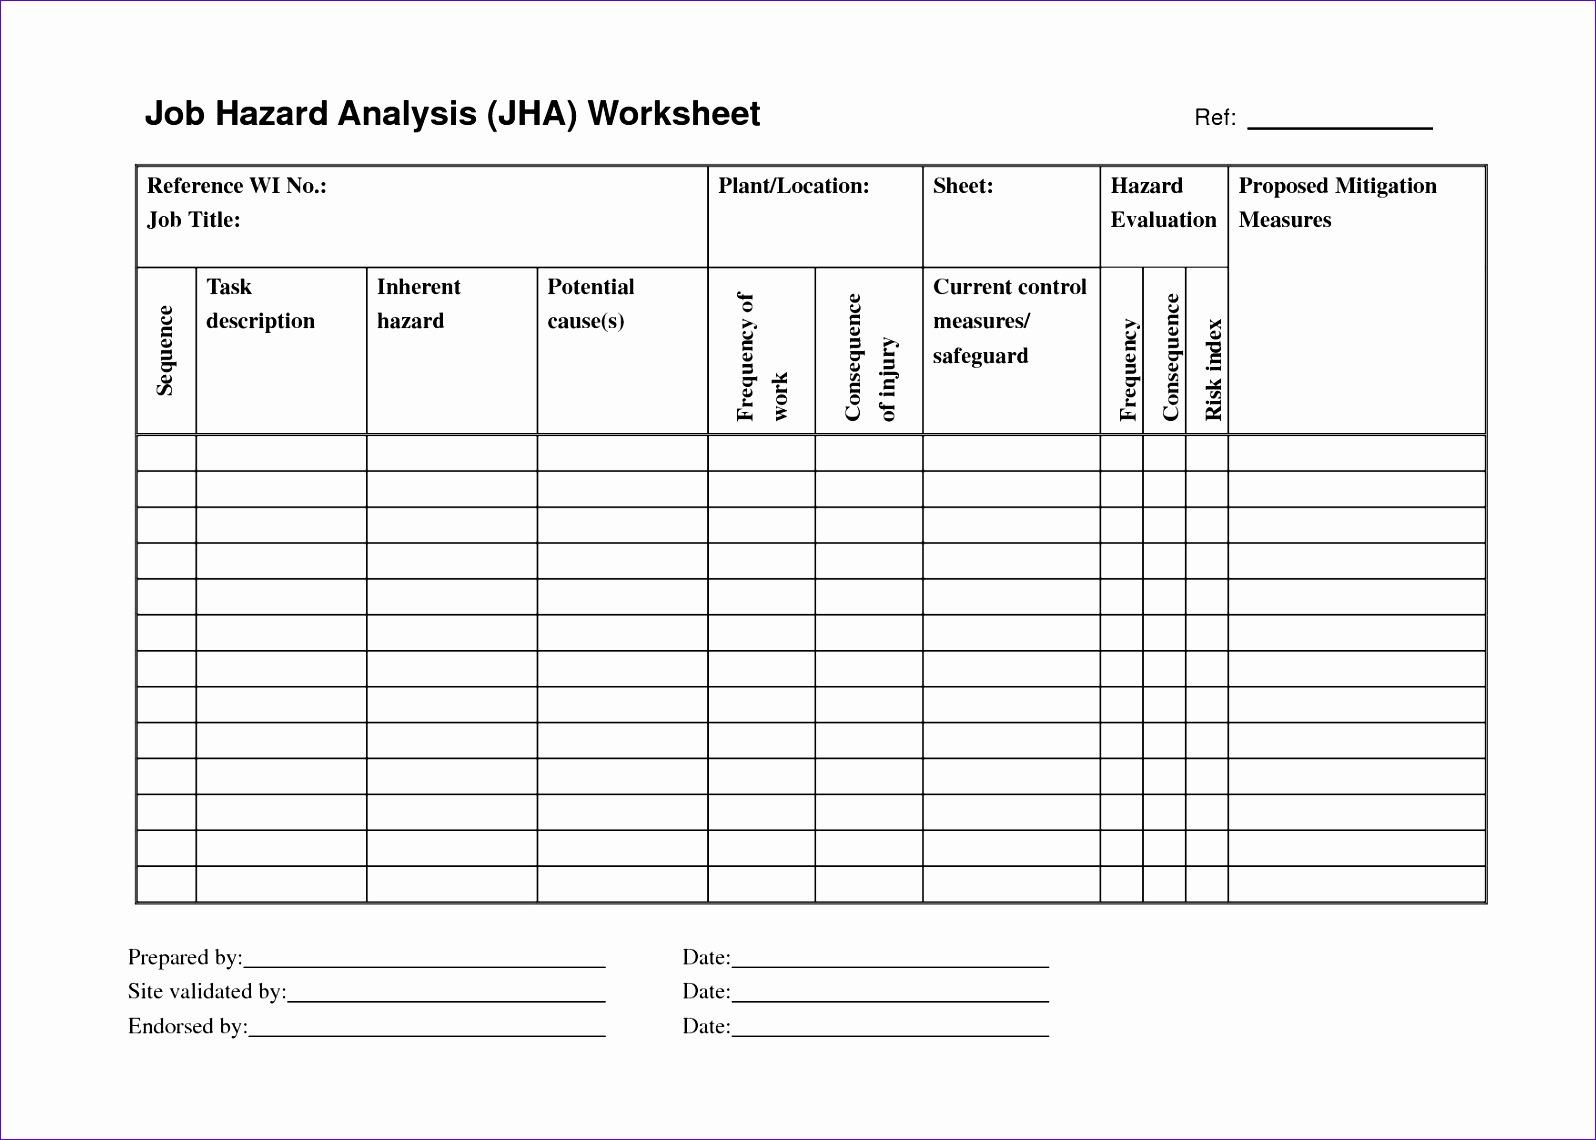 job hazard analysis worksheet 15961140